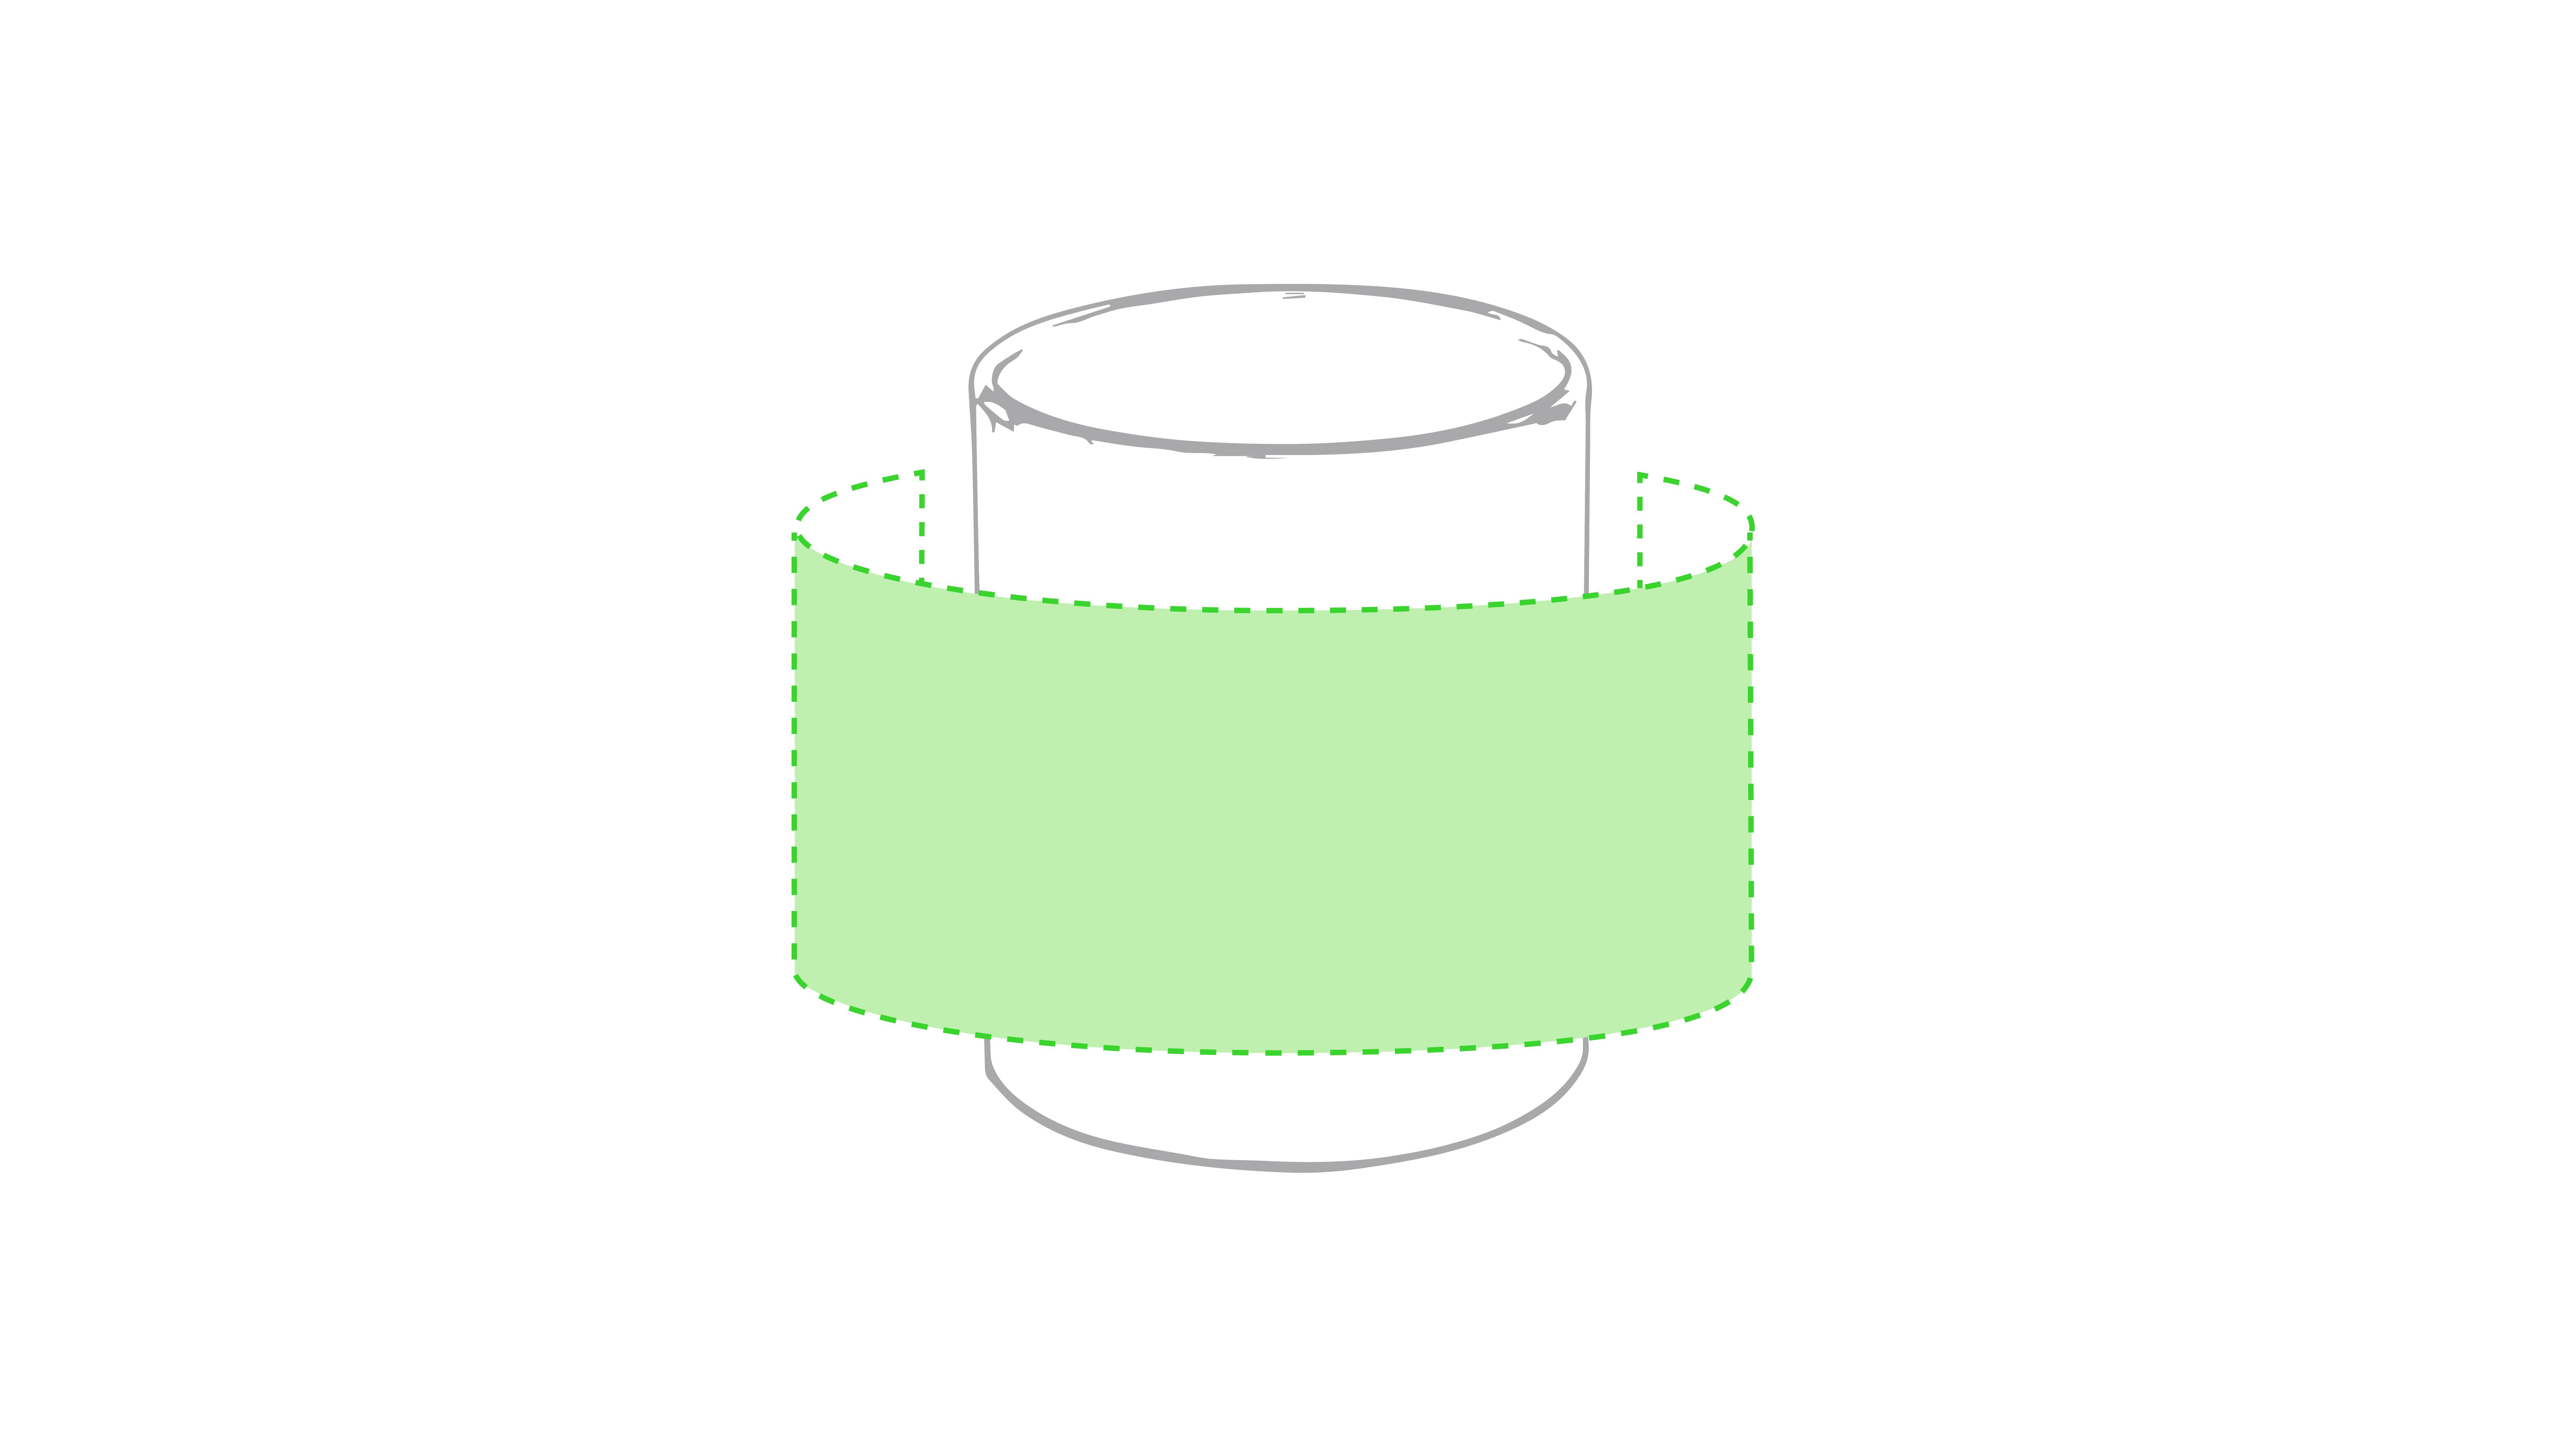 Centrado alrededor de la taza